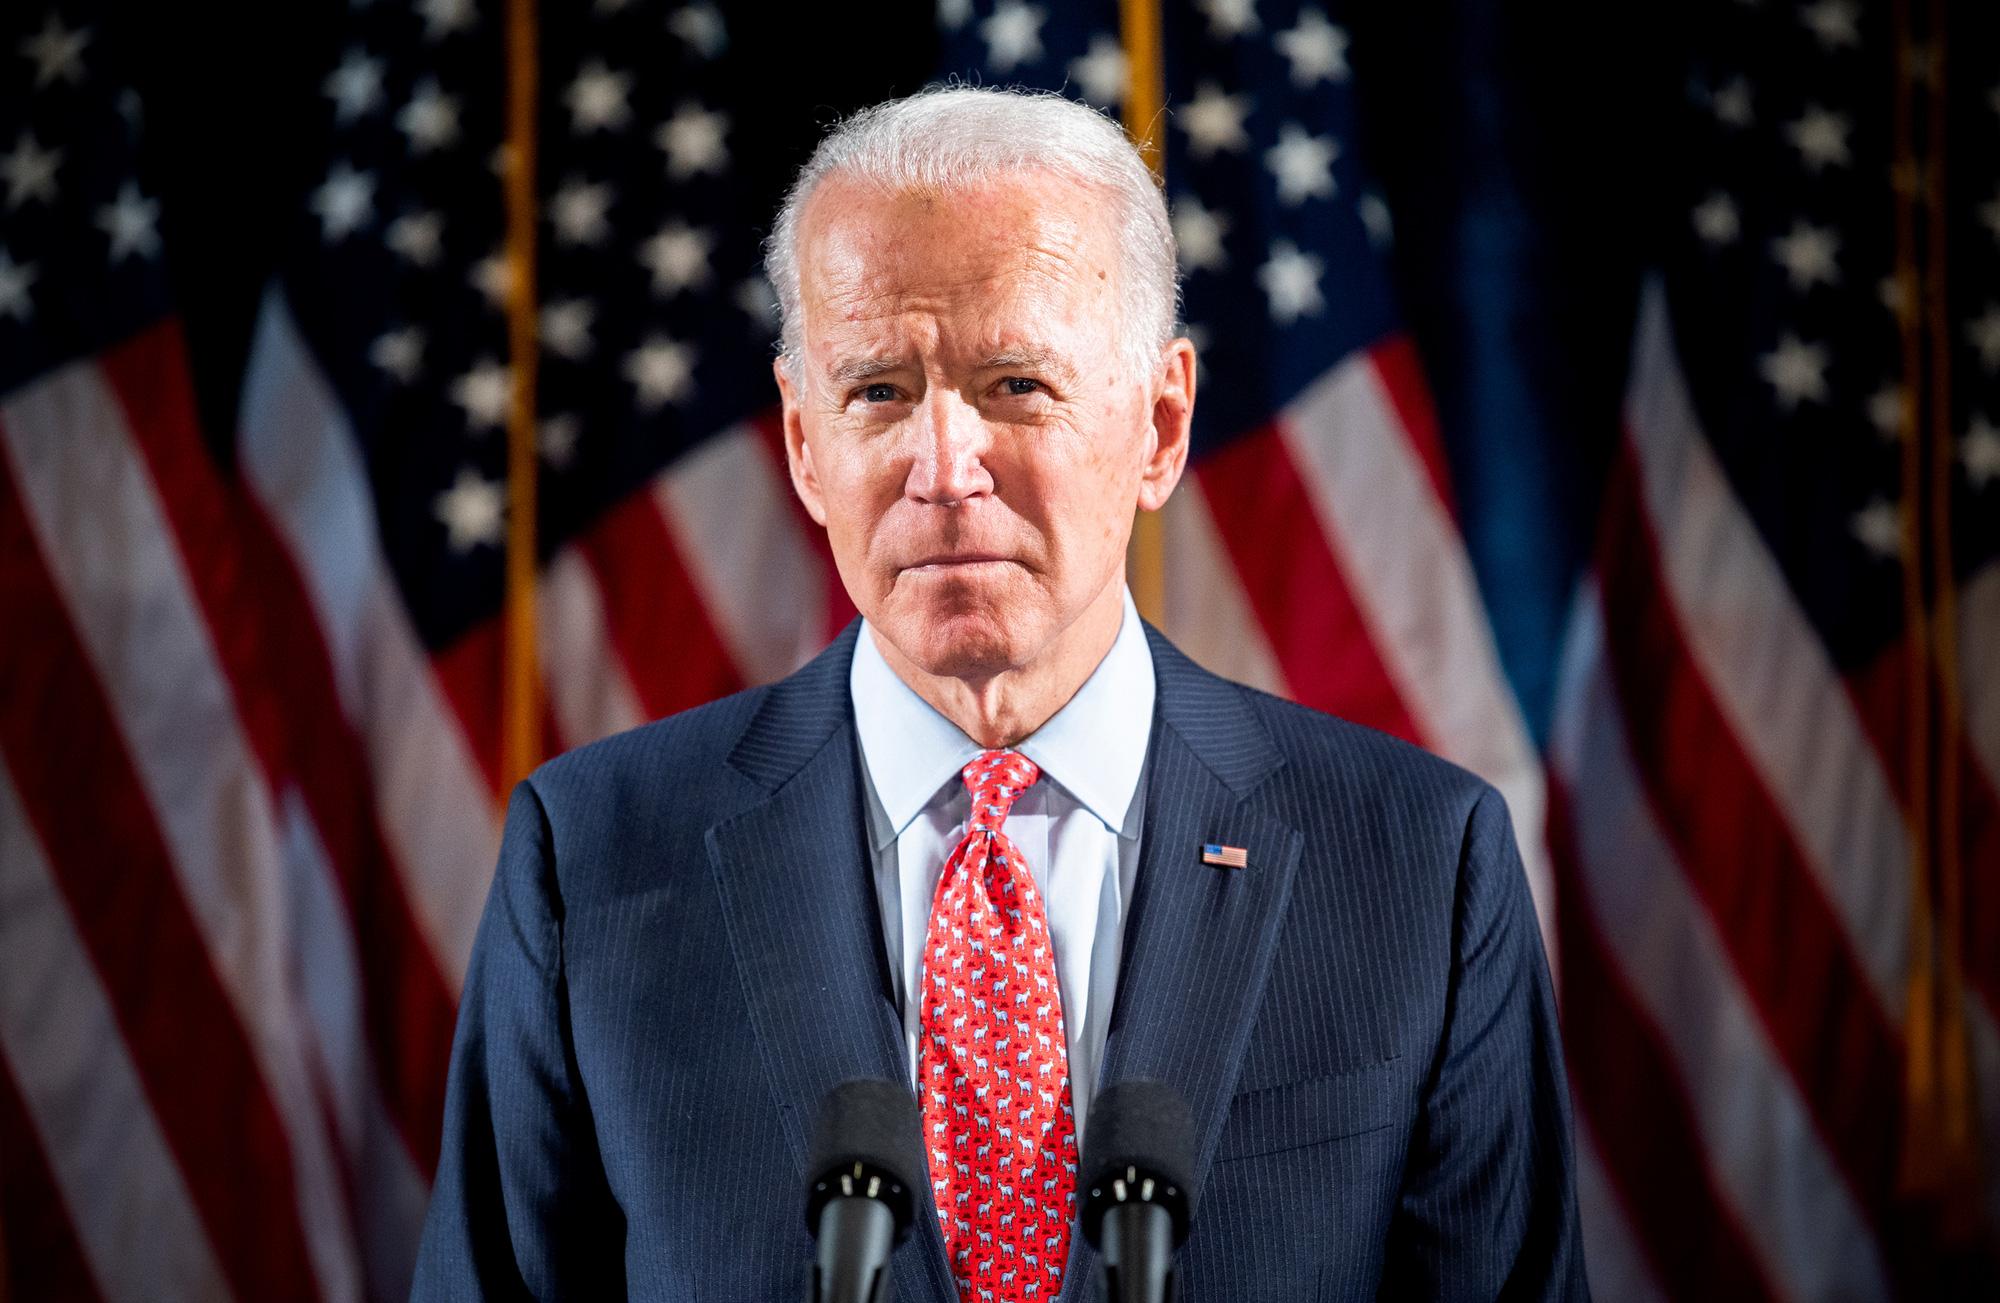 Jeff Bezos, Bill Gates và loạt tỷ phú công nghệ ăn mừng Joe Biden đắc cử Tổng thống Mỹ - Ảnh 1.